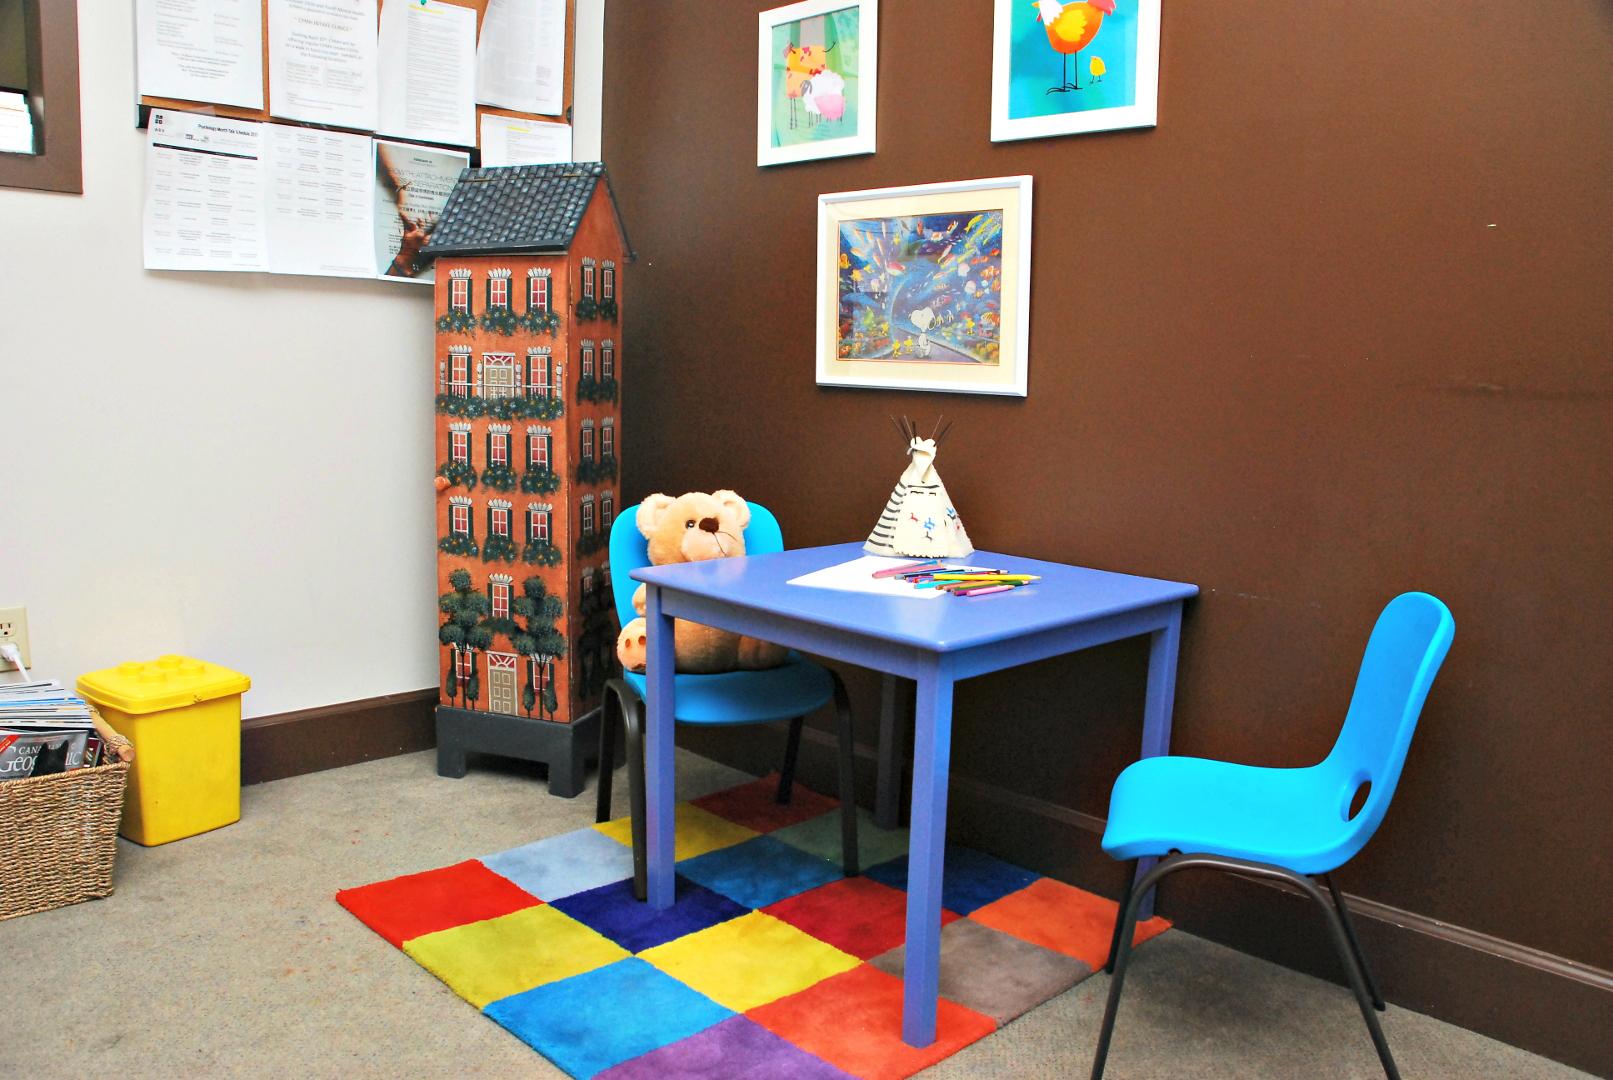 Childrens Desk Area 2.JPG